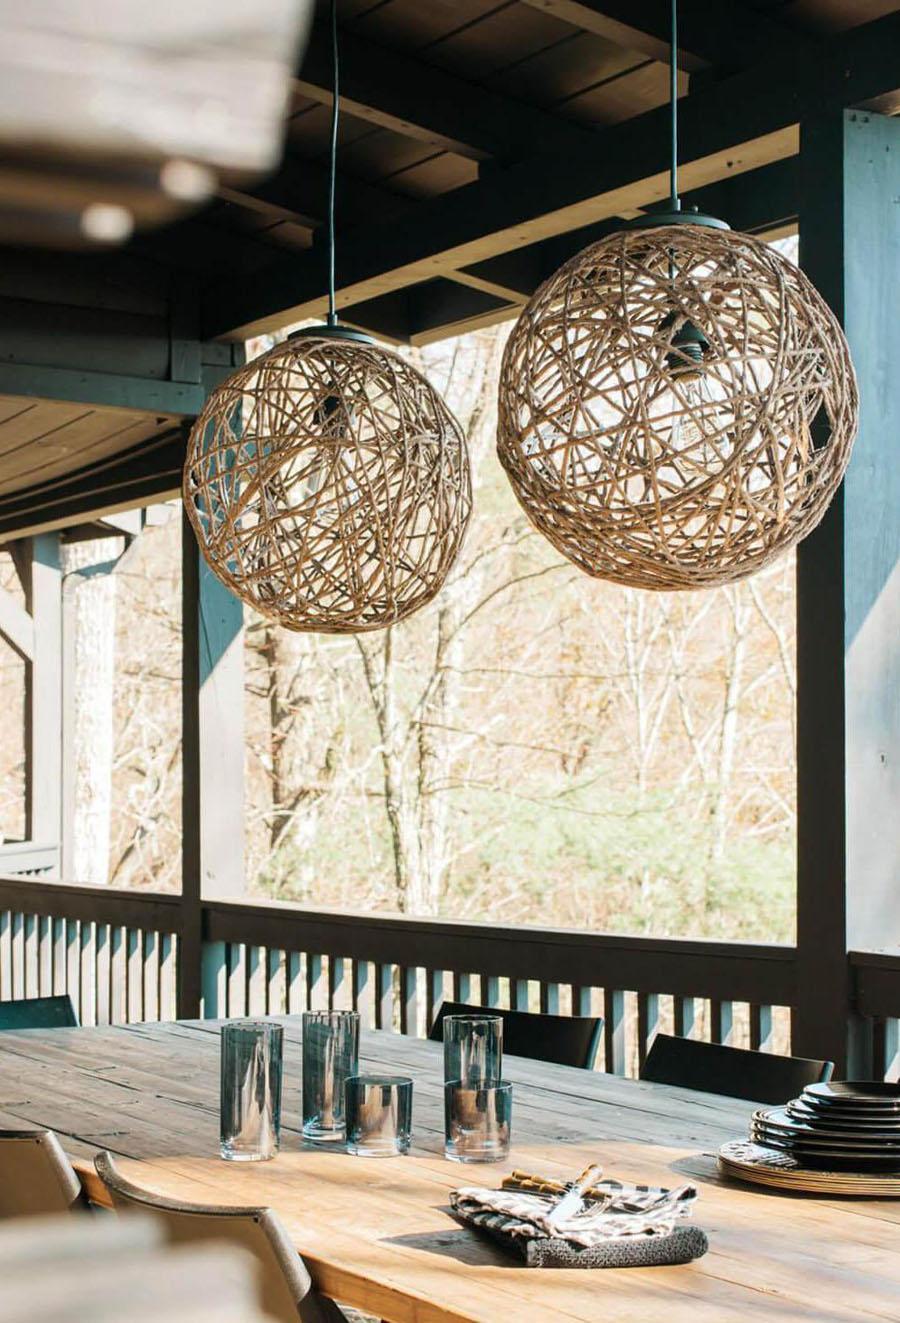 46 Rope Sphere Pendant Light